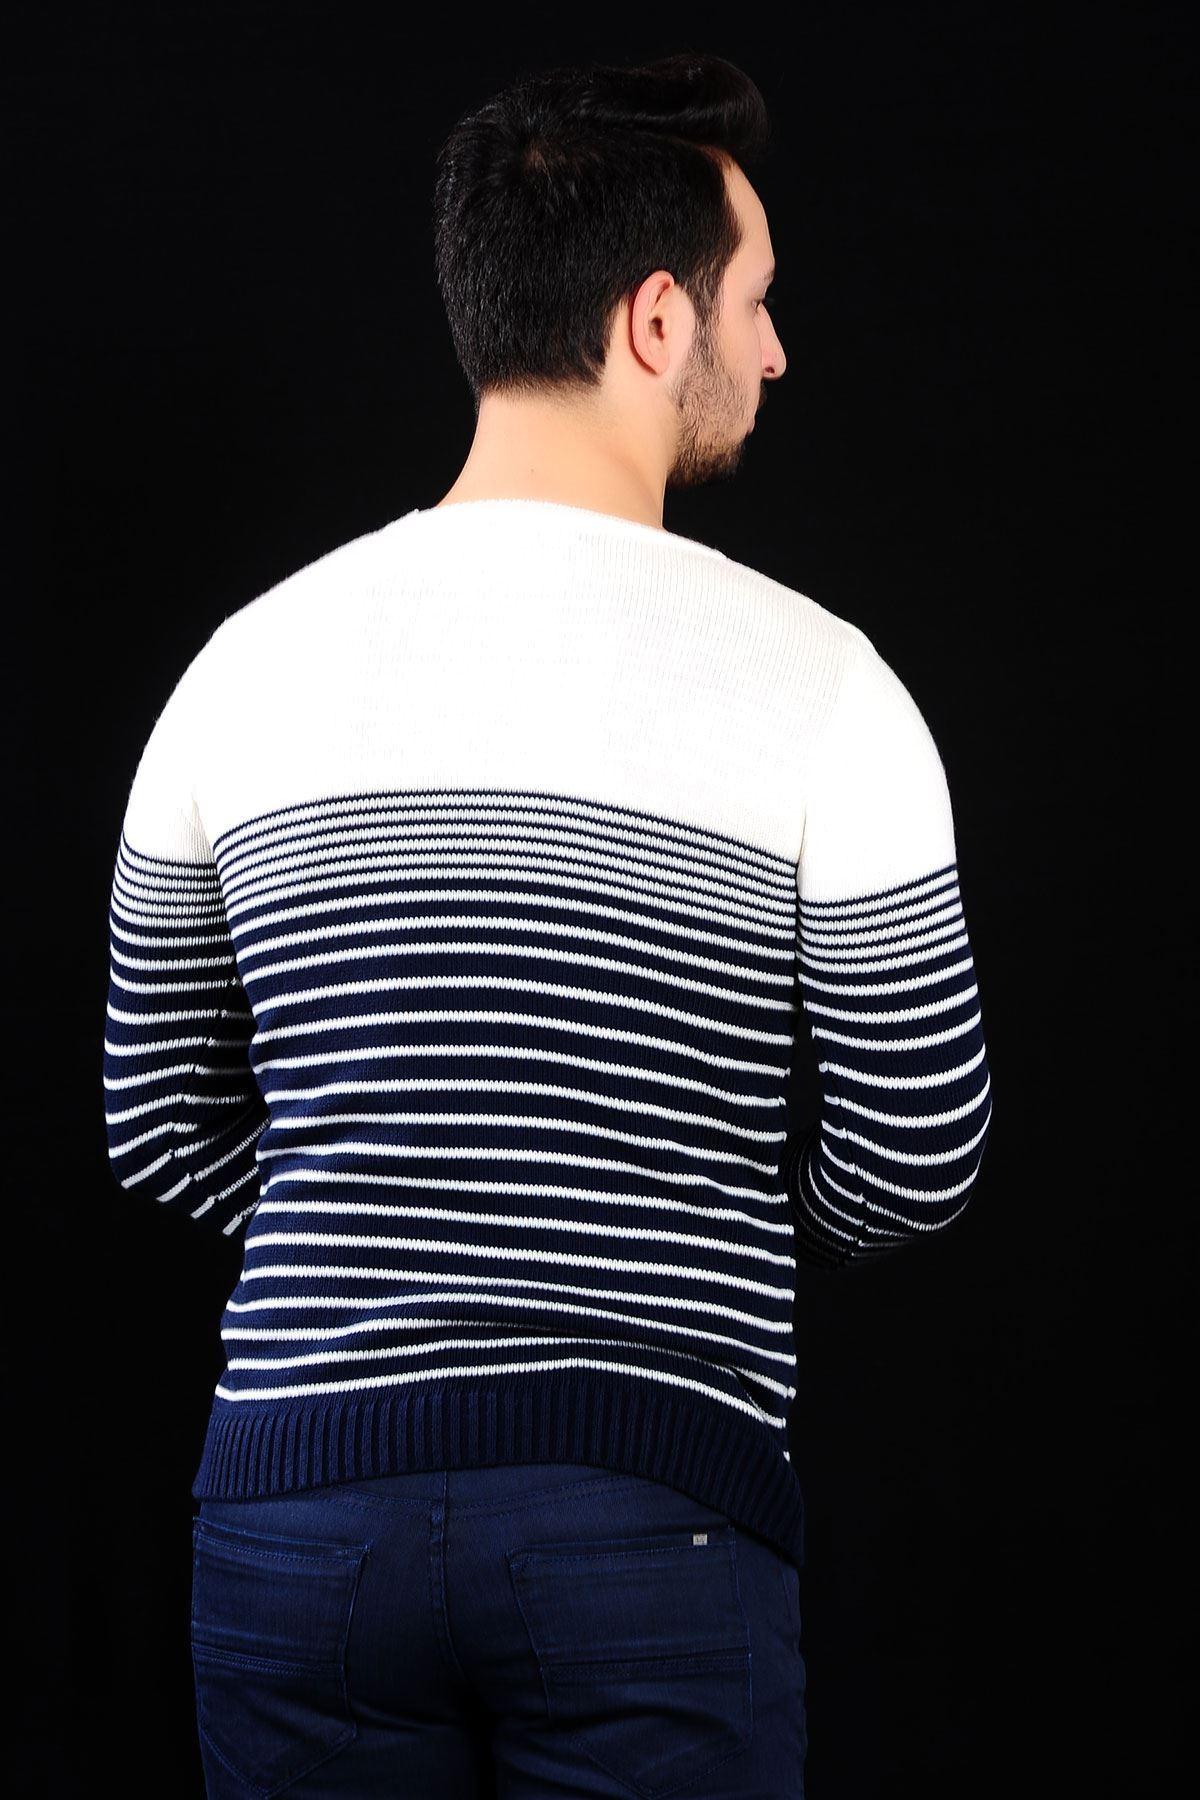 Lacivert Çizgi Desen Beyaz Triko Bay